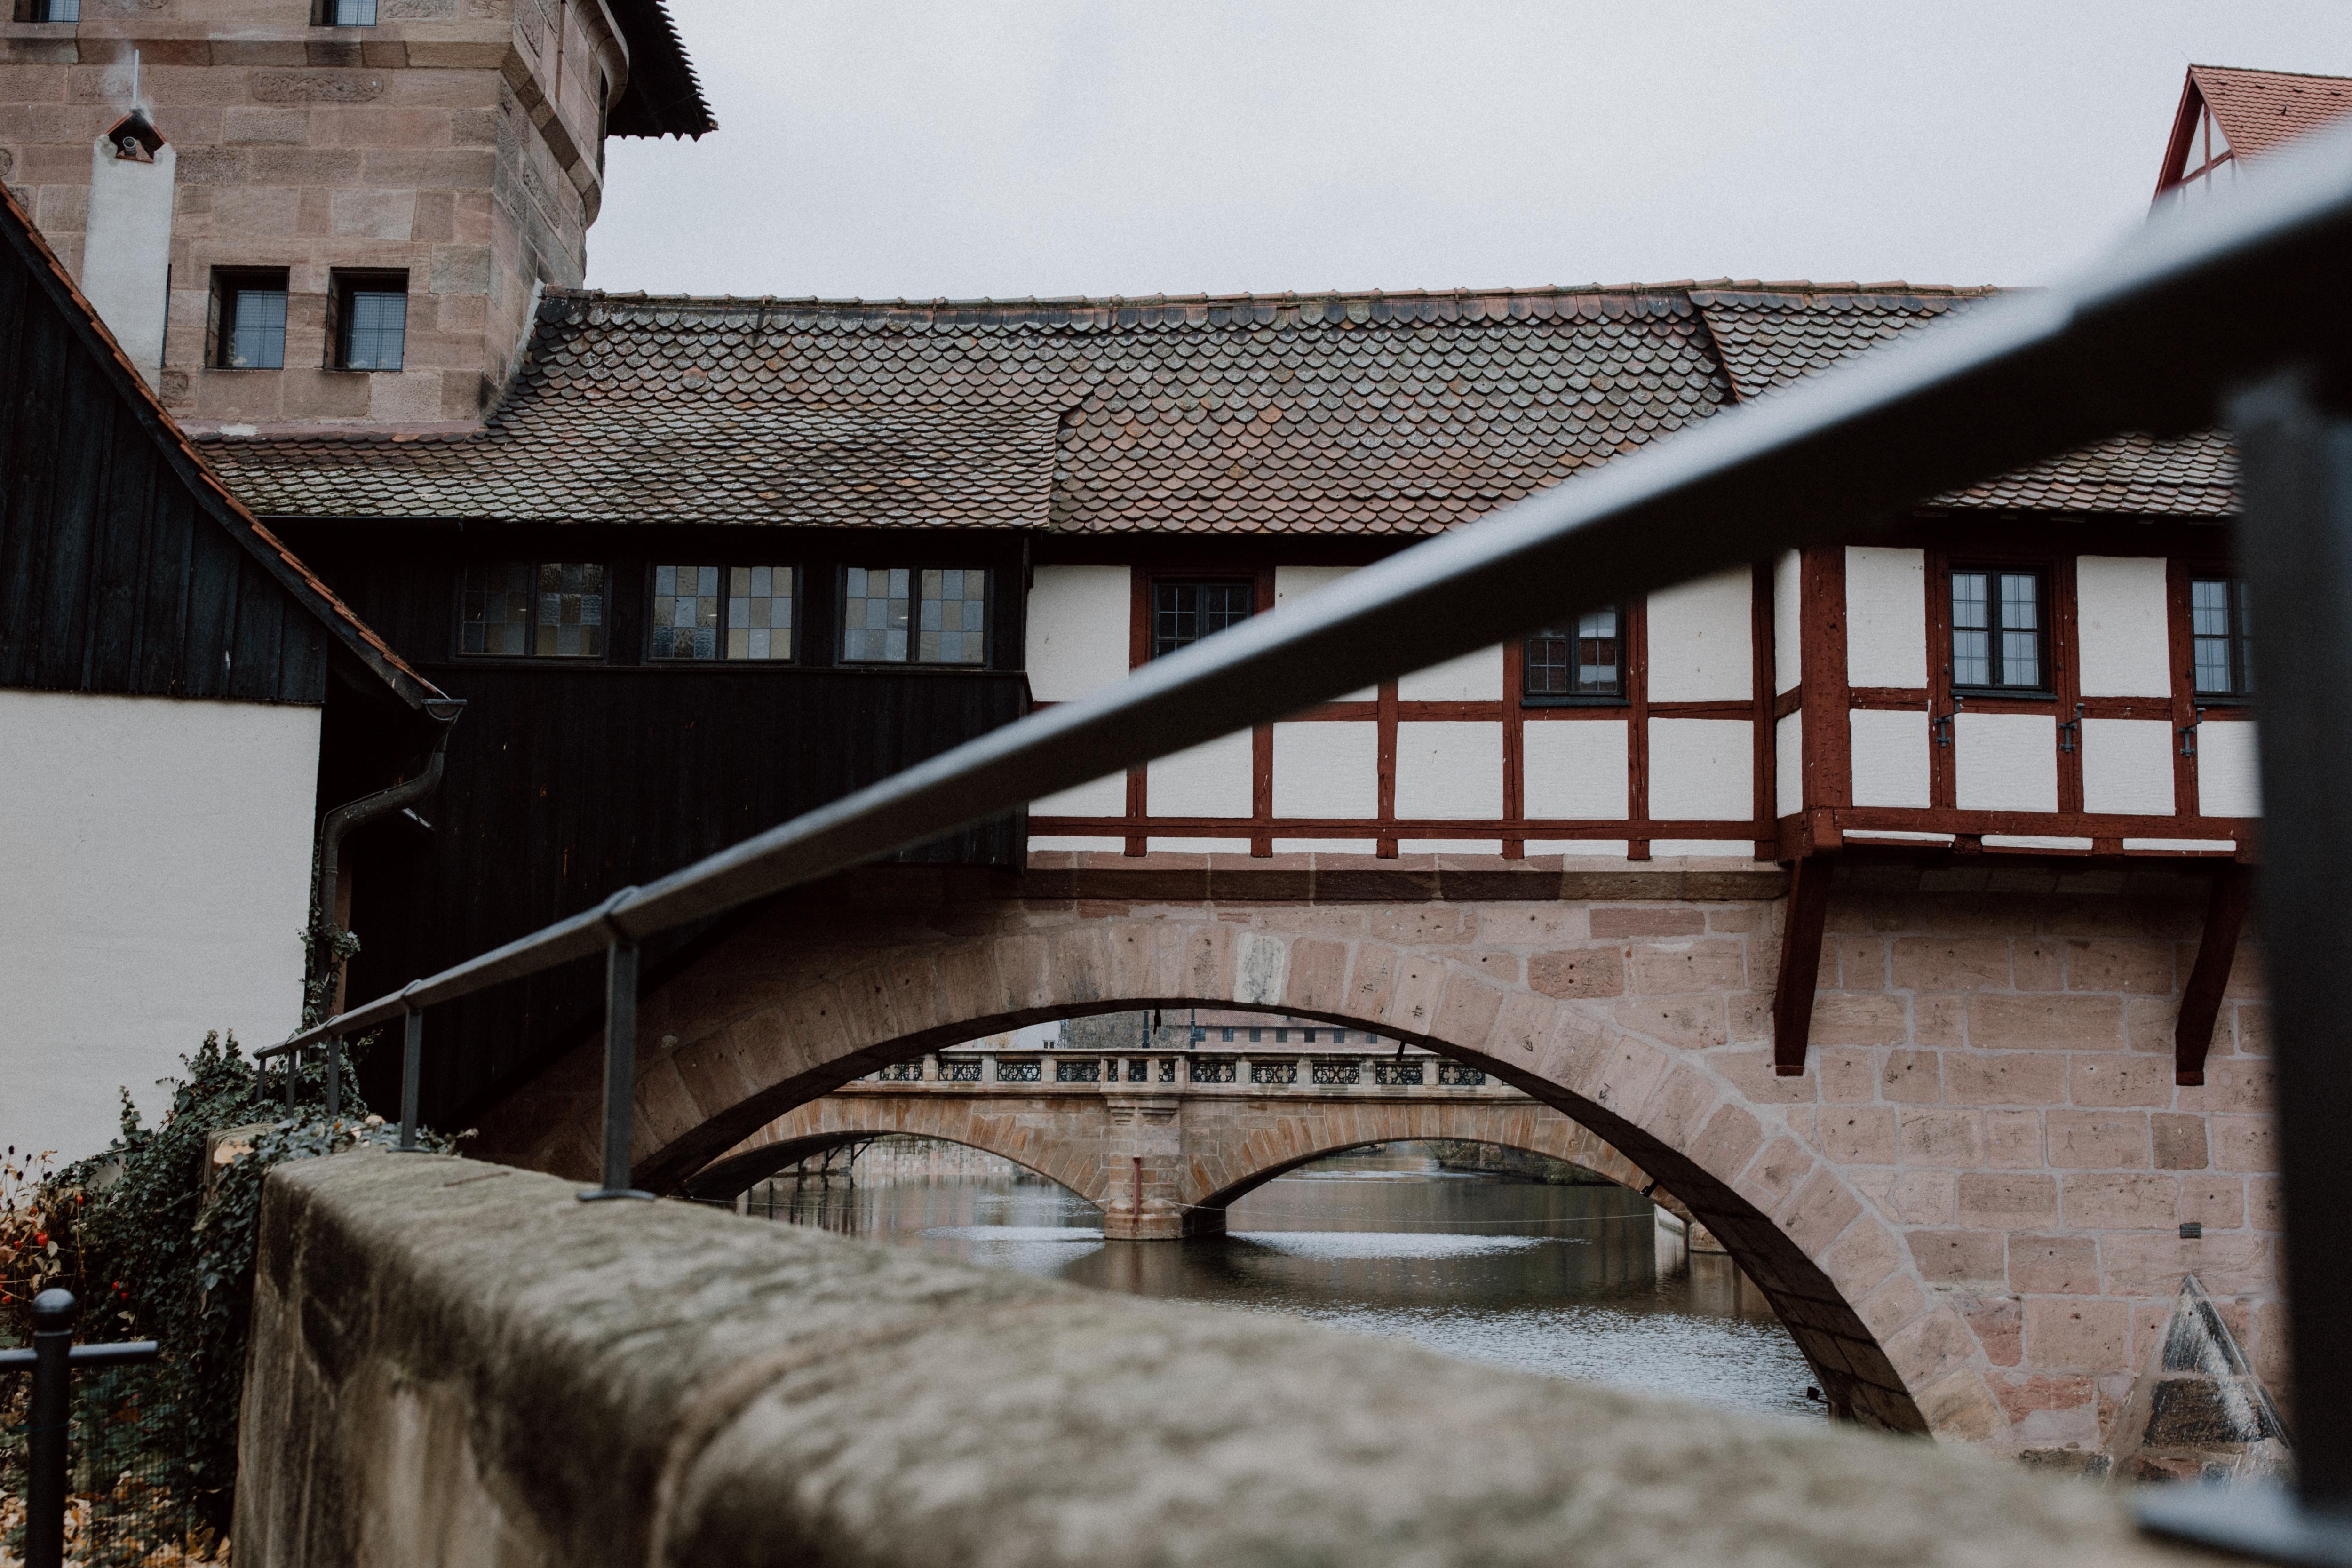 URBANERIE_Daniela_Goth_Hochzeitsfotografin_Nürnberg_Fürth_Erlangen_Schwabach_171110_0010